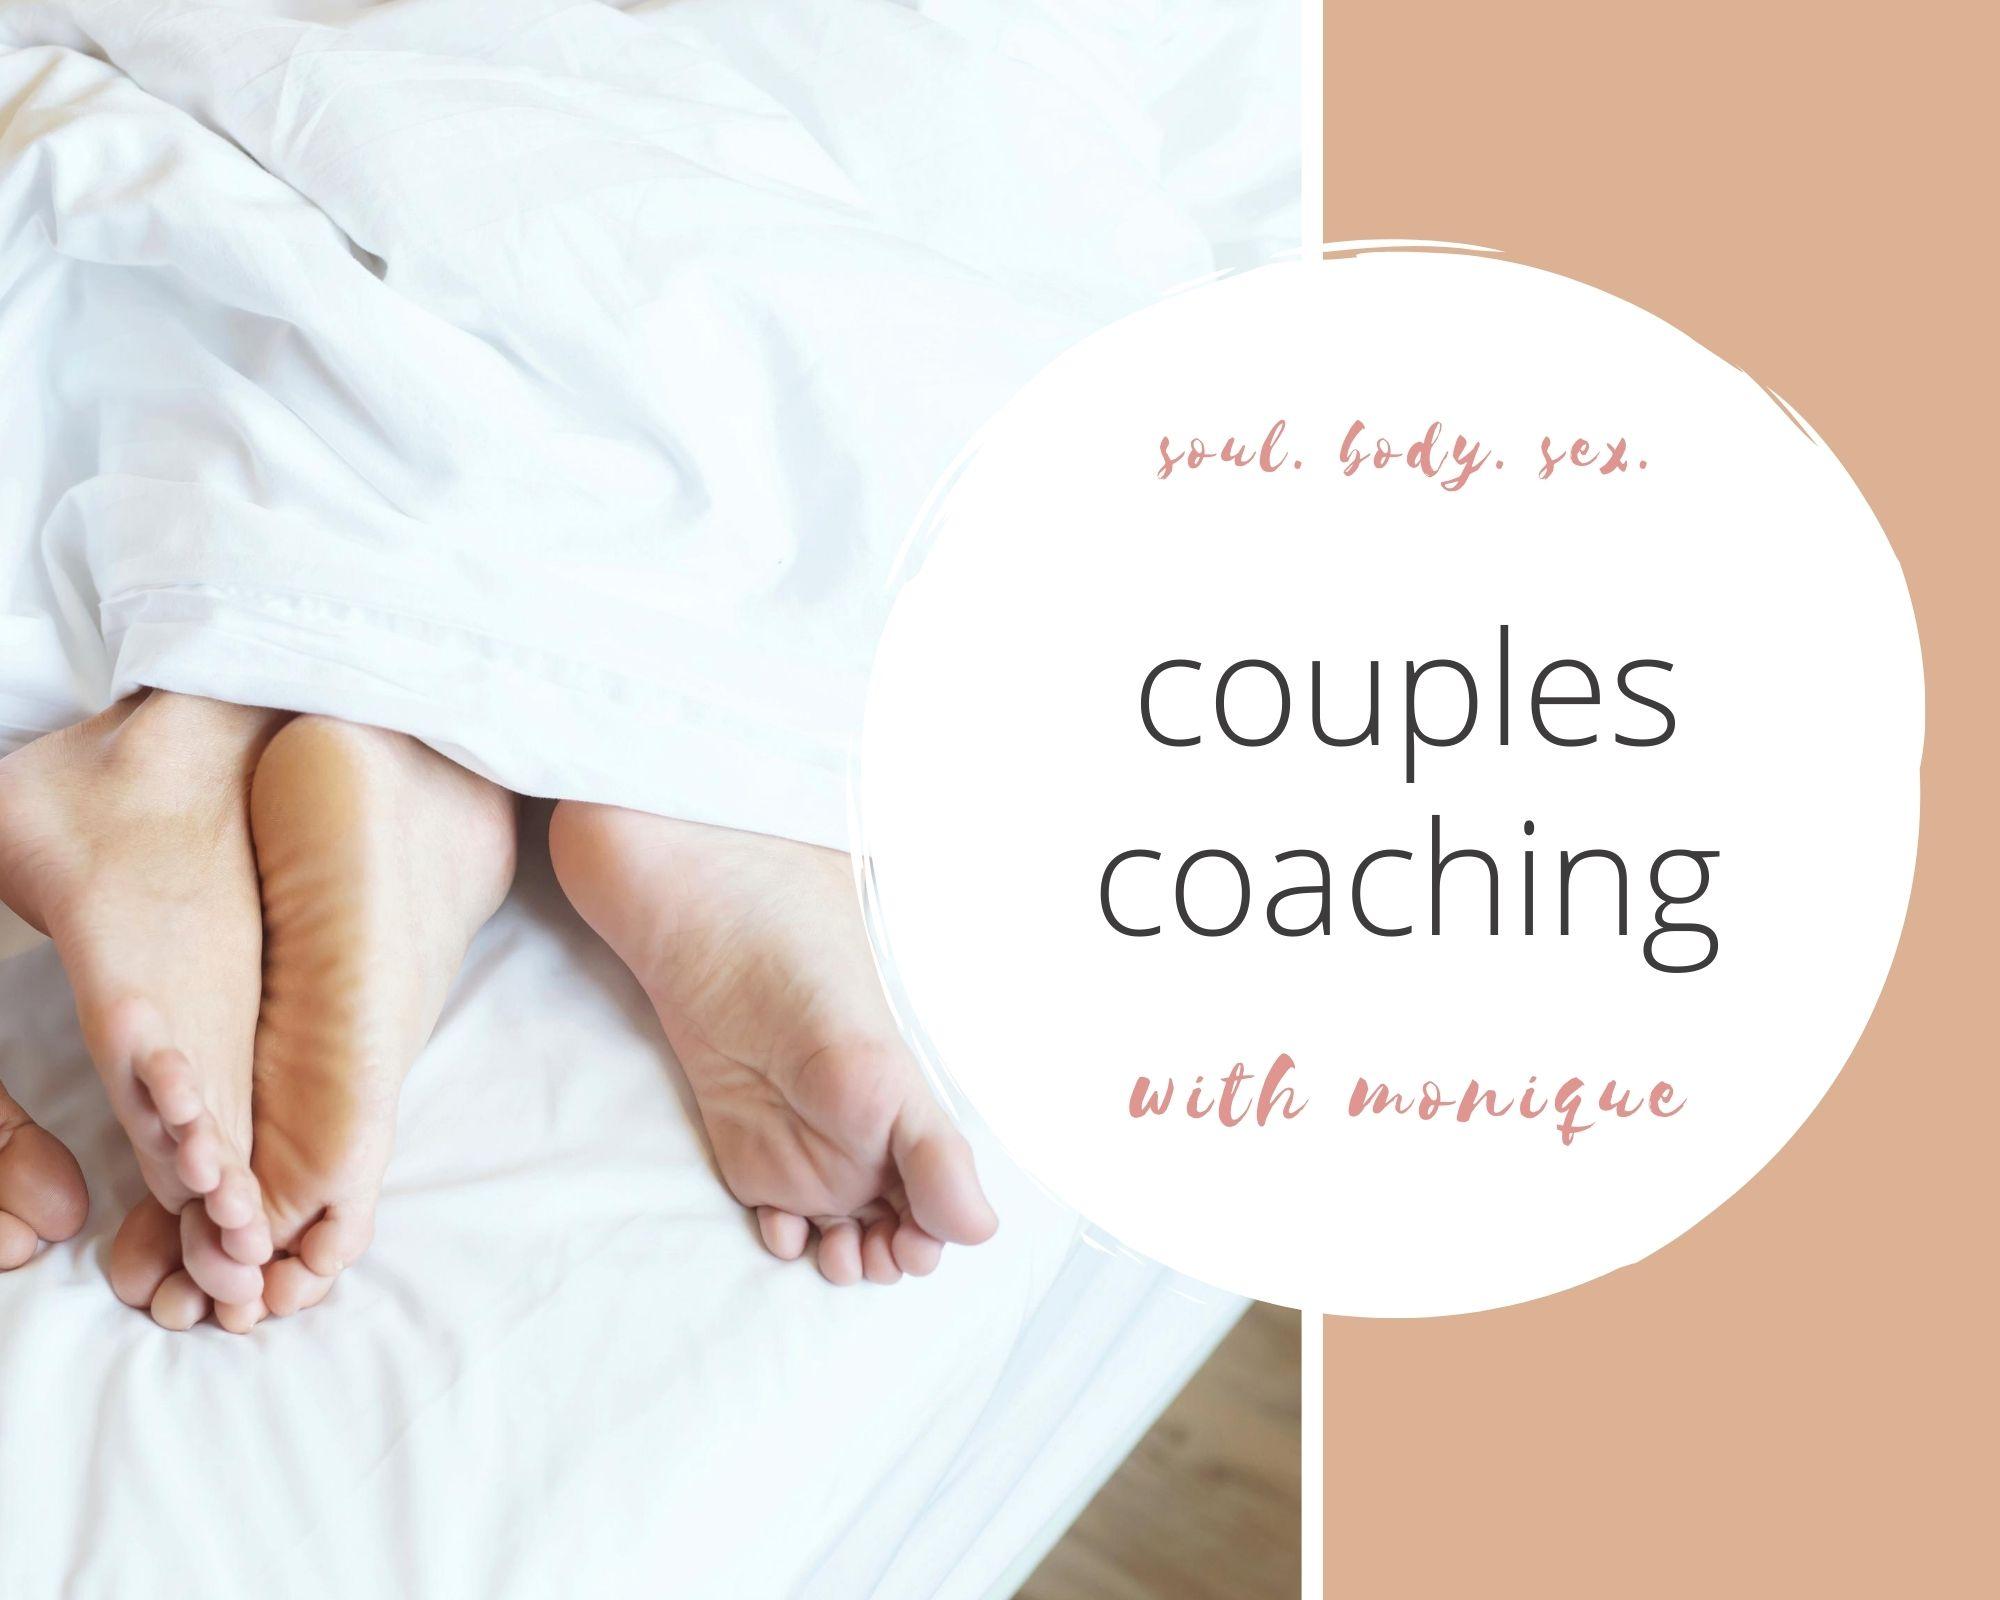 monique gomez, erotic educator, sex coach, erotic coach, embodiment